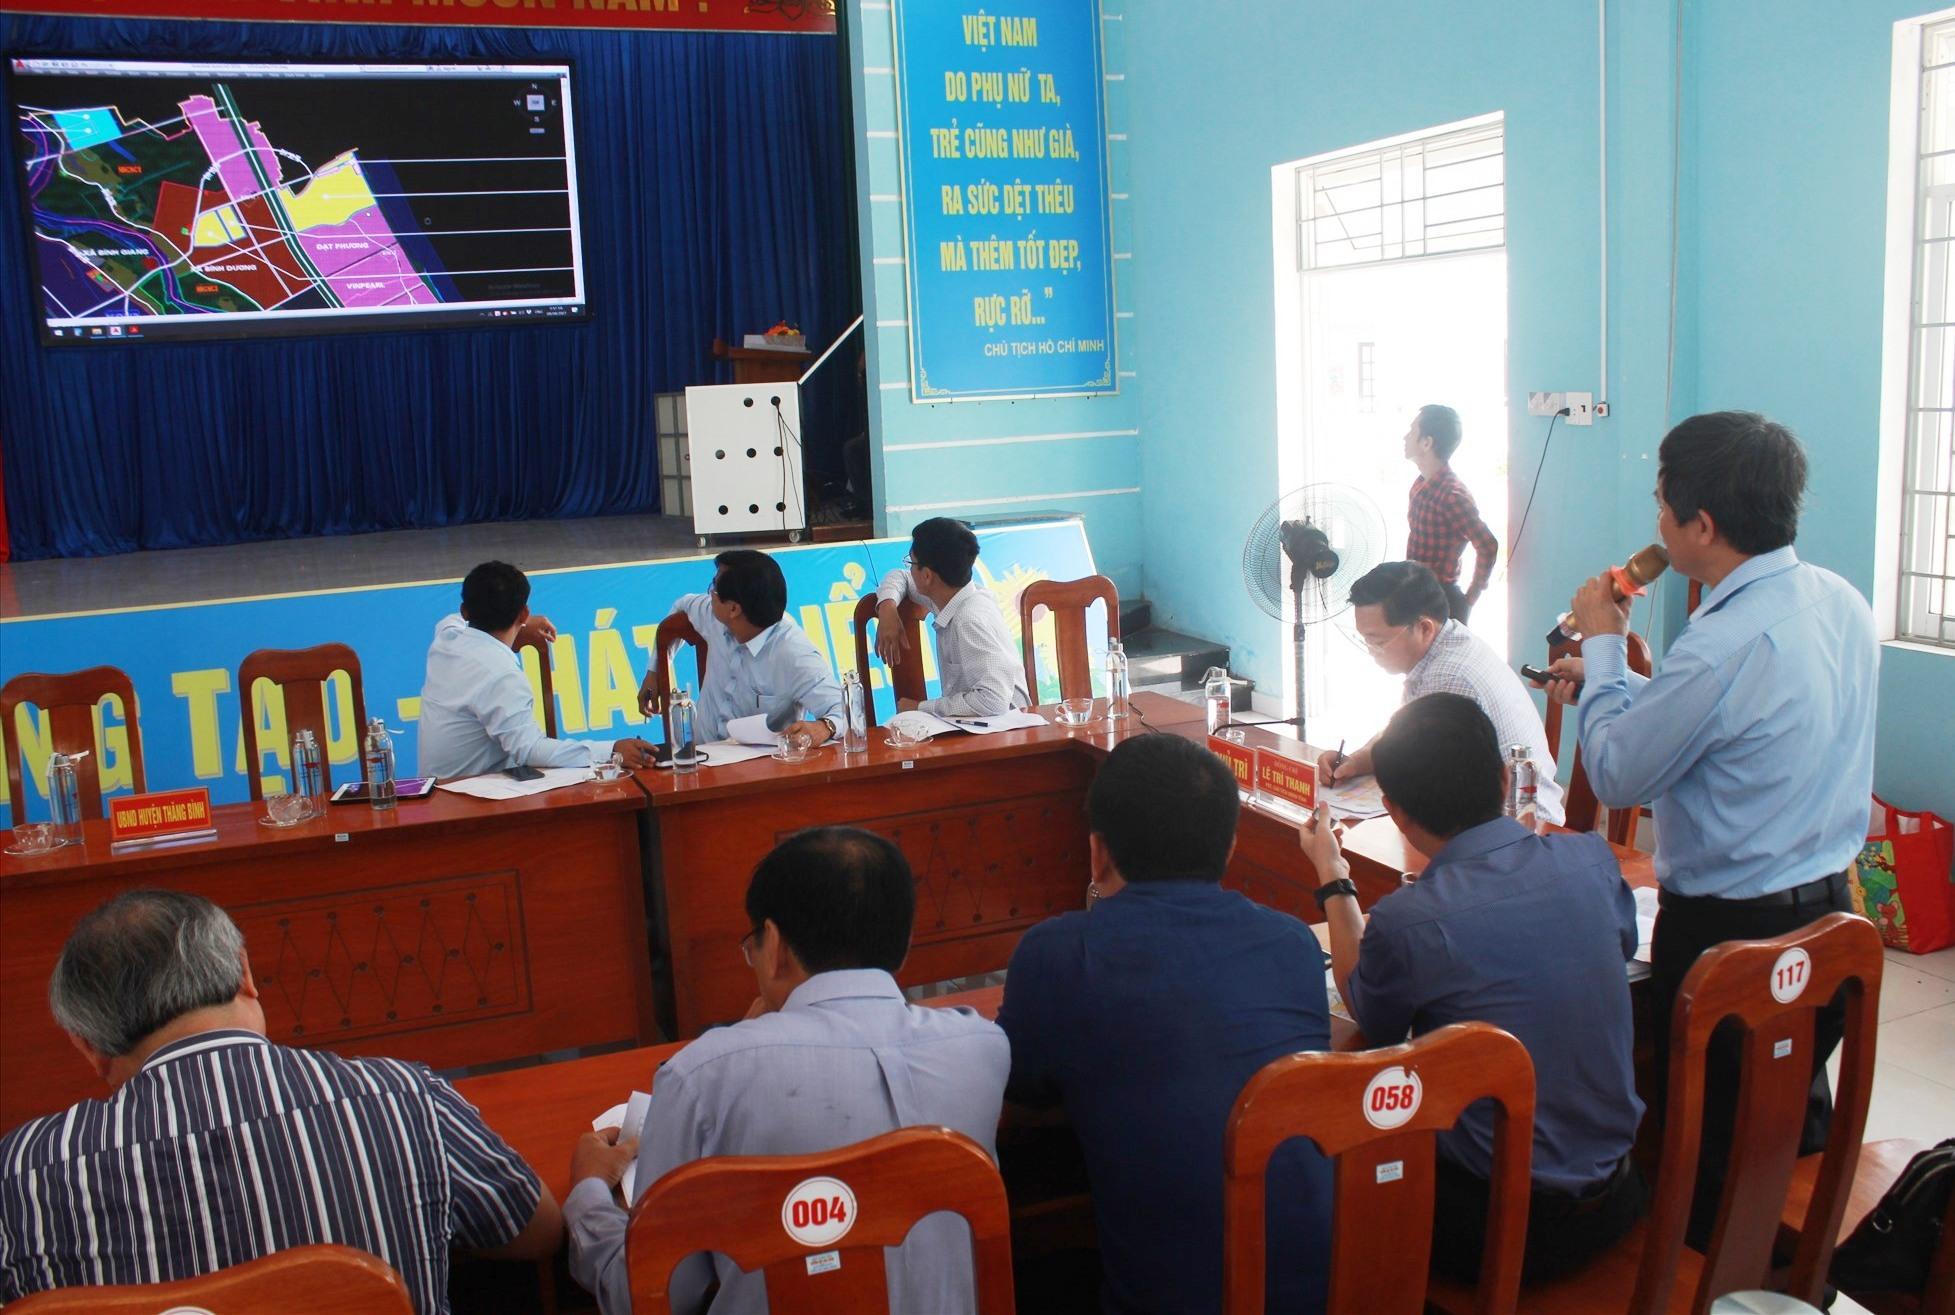 UBND huyện Thăng Bình báo cáo tình hình triển khai các dự án. Ảnh: T.C